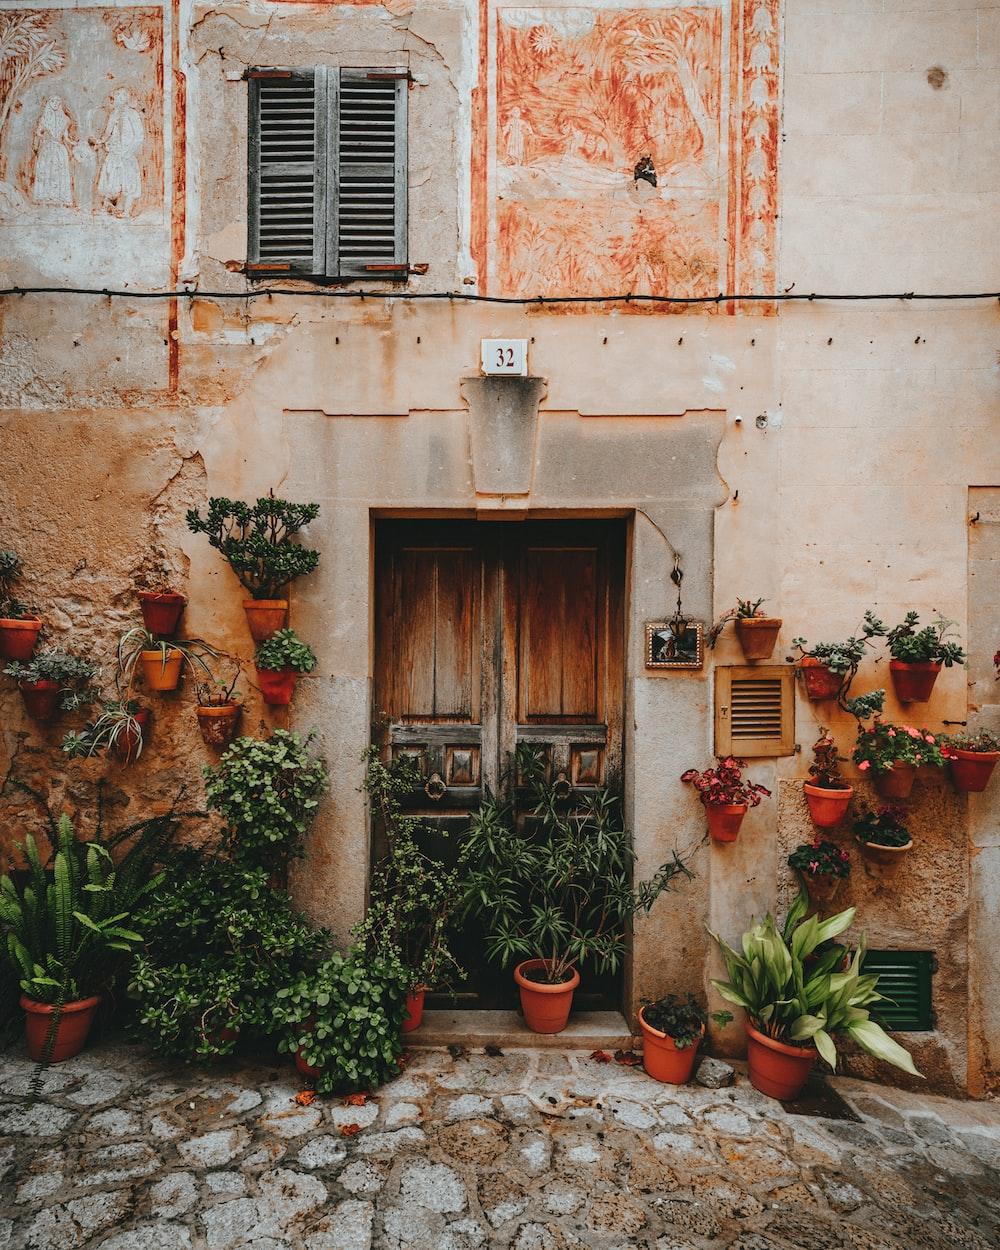 green plants near door